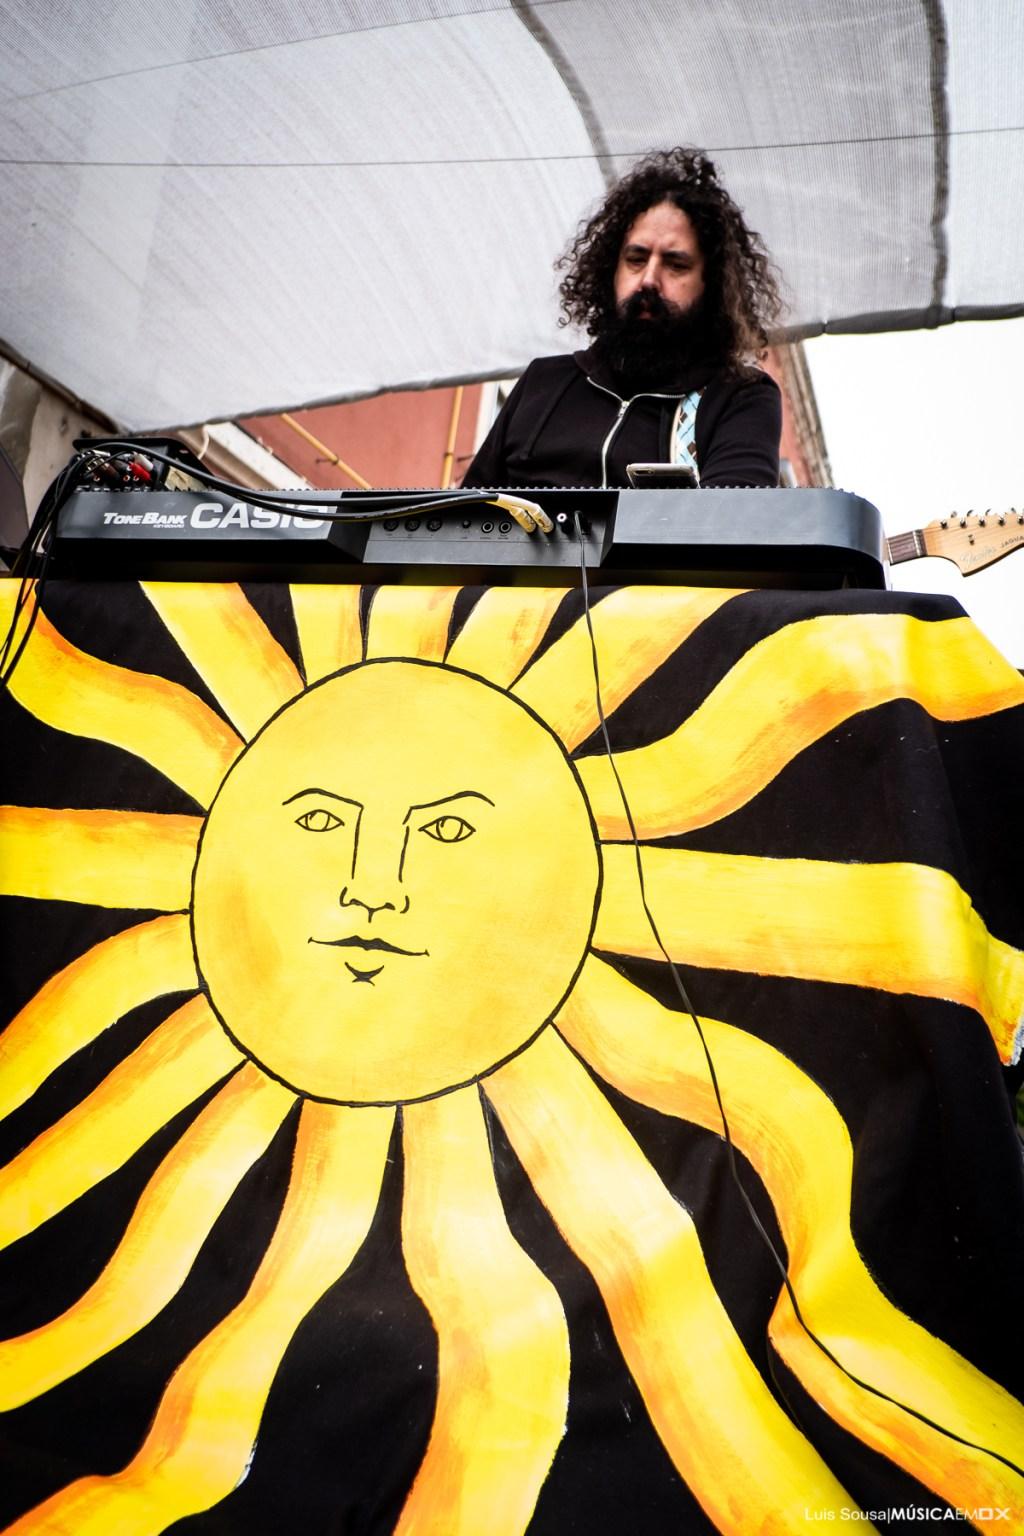 20201024 - Concertos - Carlos Costa apresenta Ninguém Drome Fest - Acid Acid + Clementine + Asimov @ Casa do Capitão